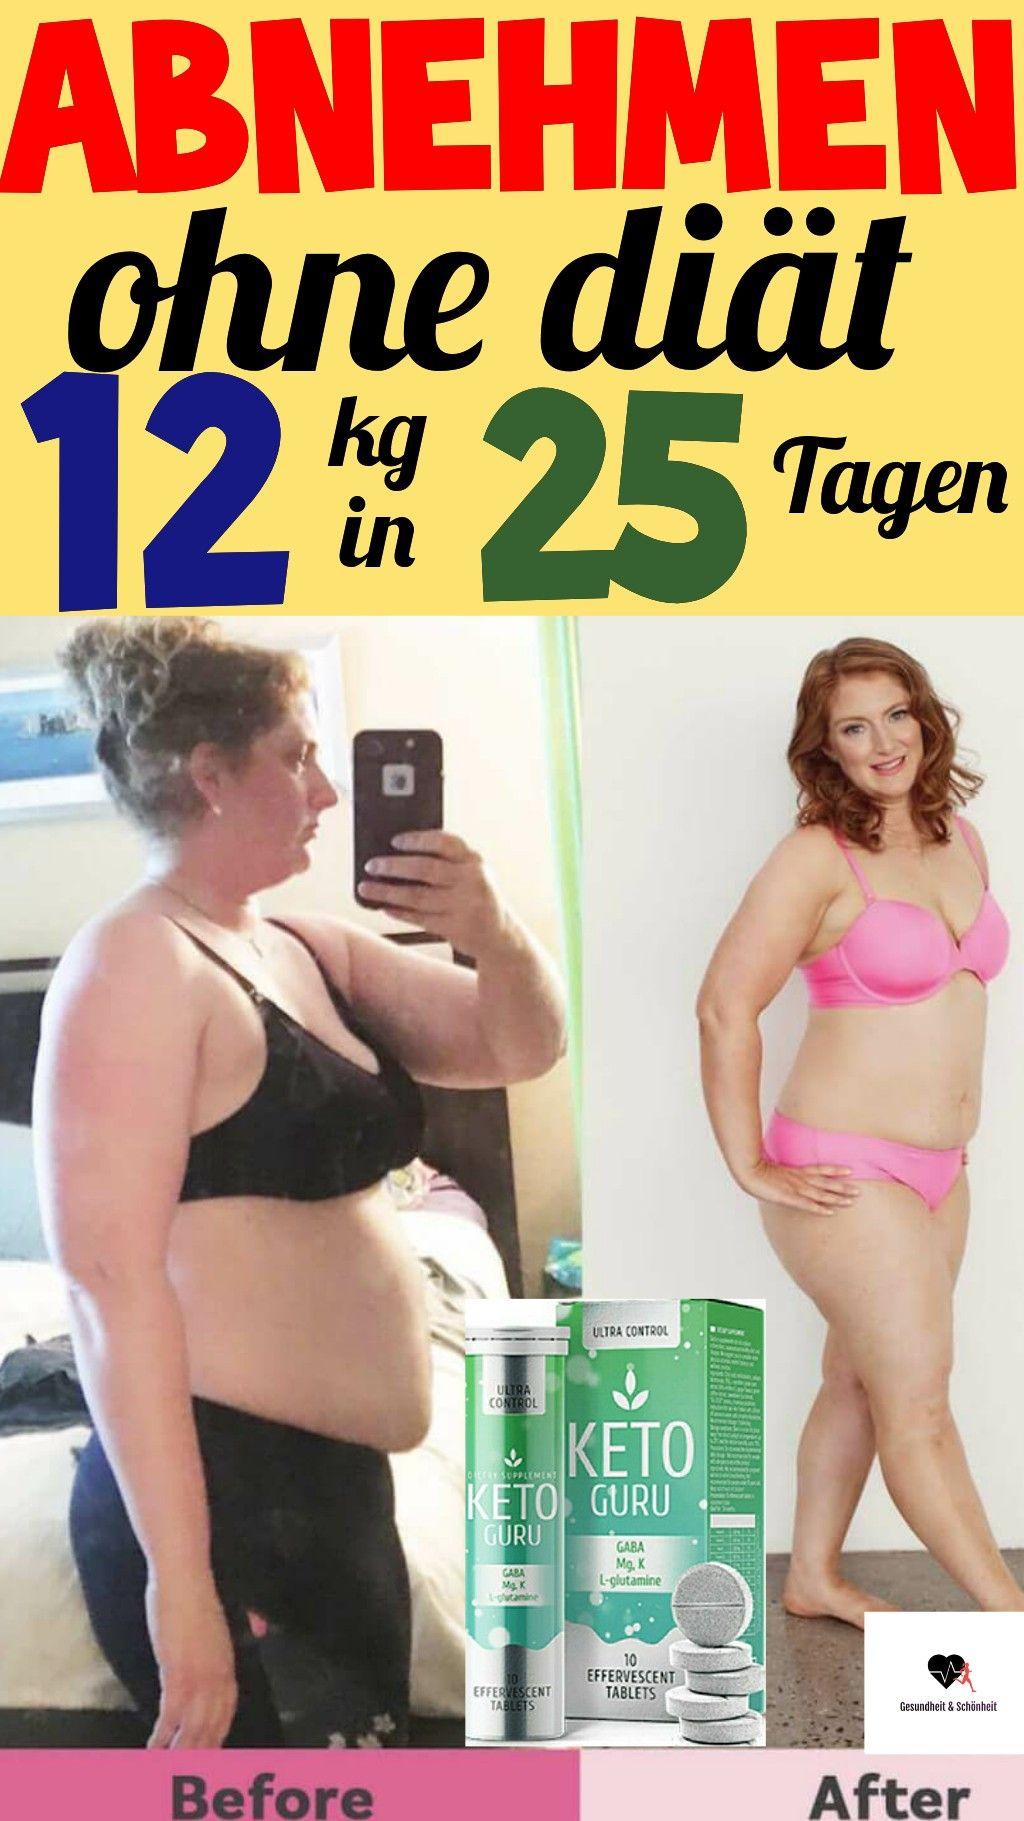 ist eine Ernährungsweise mit hohen Fettanteilen und geringer Einnahme von Kohlenhydraten. Sie hilft...